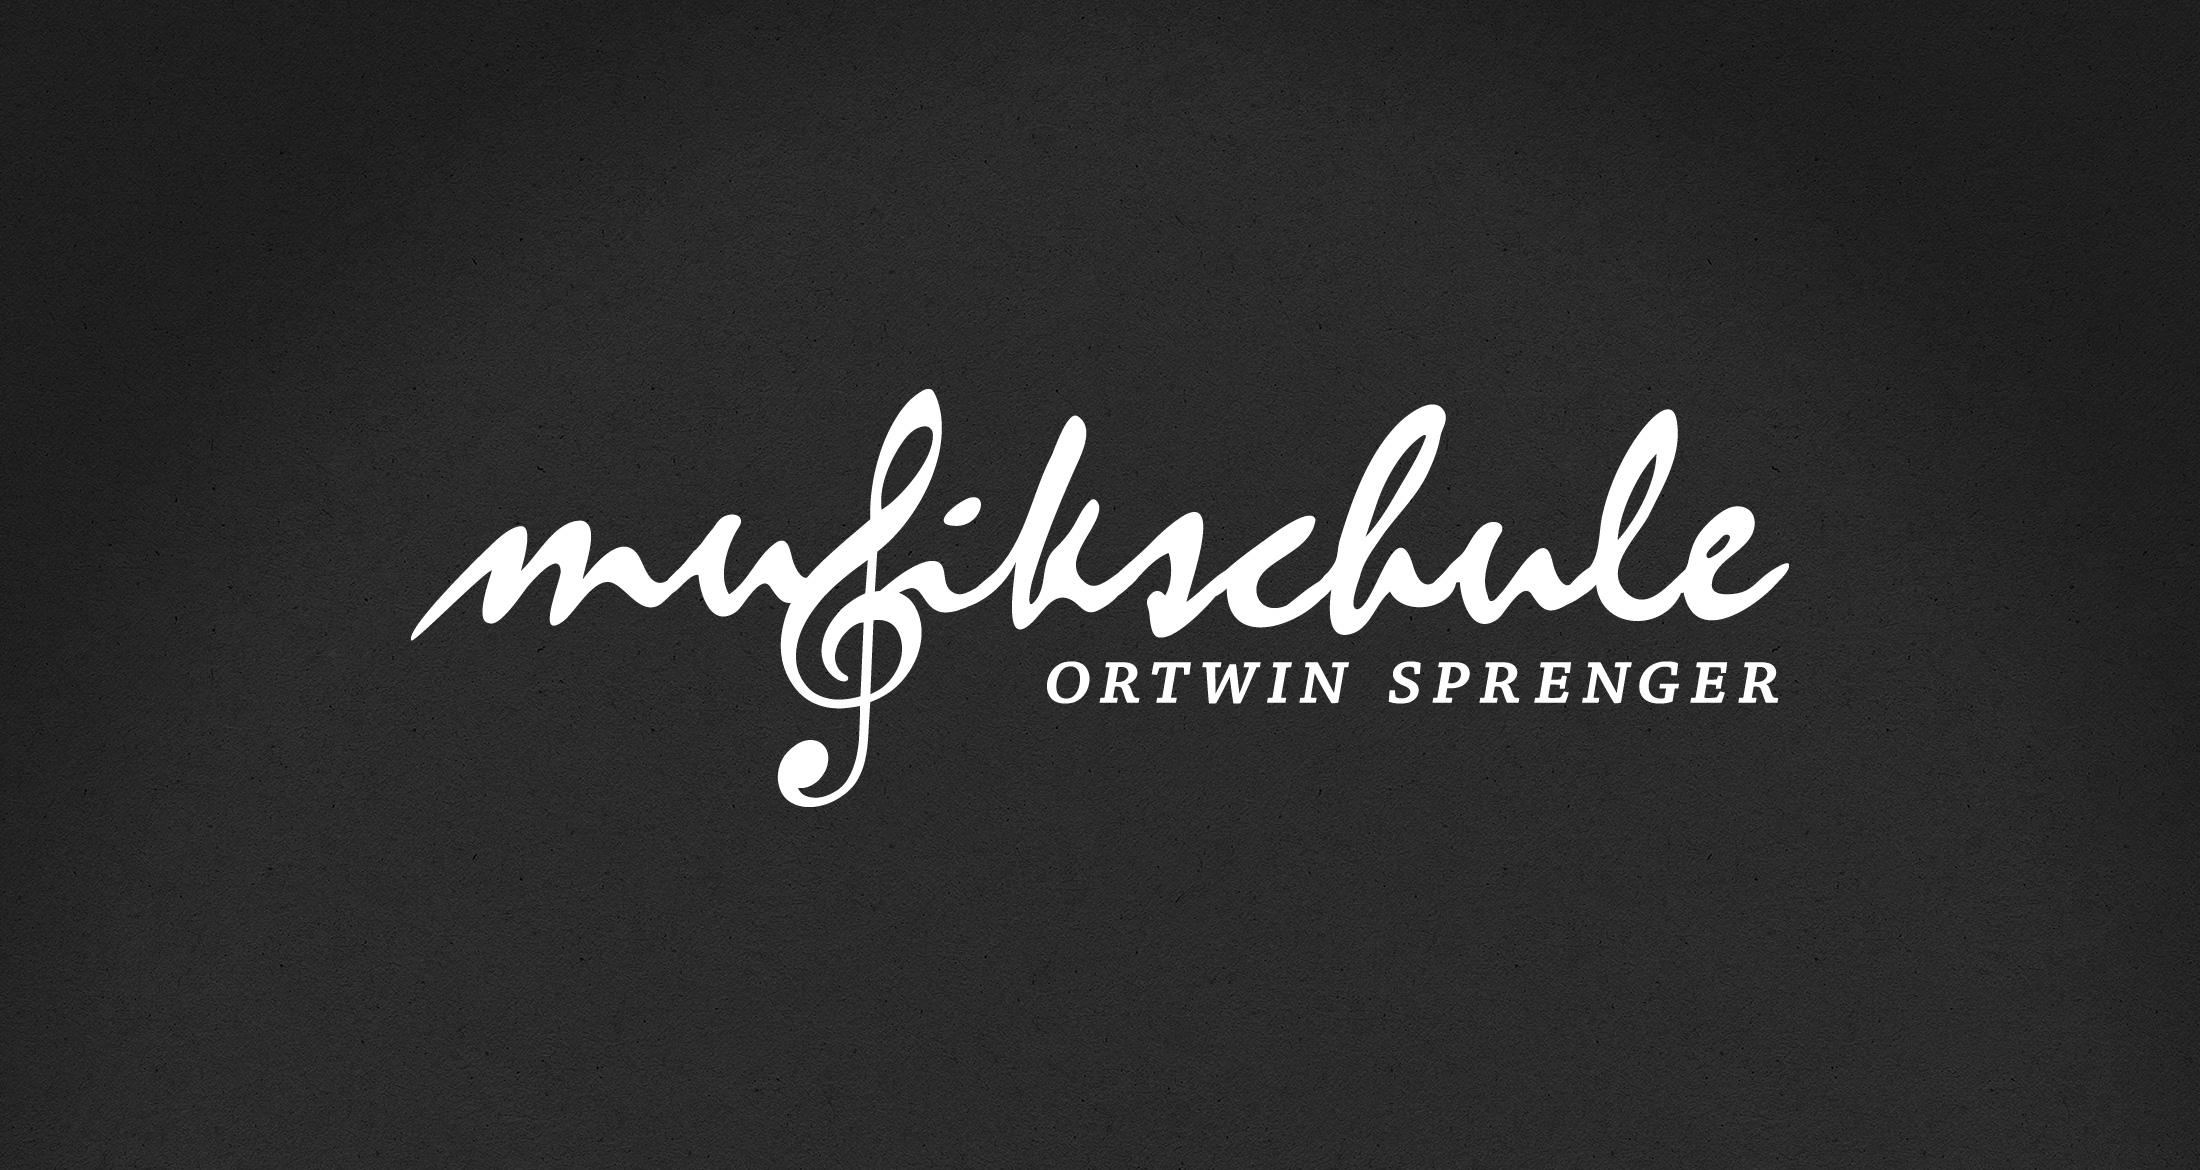 Logo Musikschule Ortwin Sprenger, Albisheim, 1-farbig weiß (negativ)